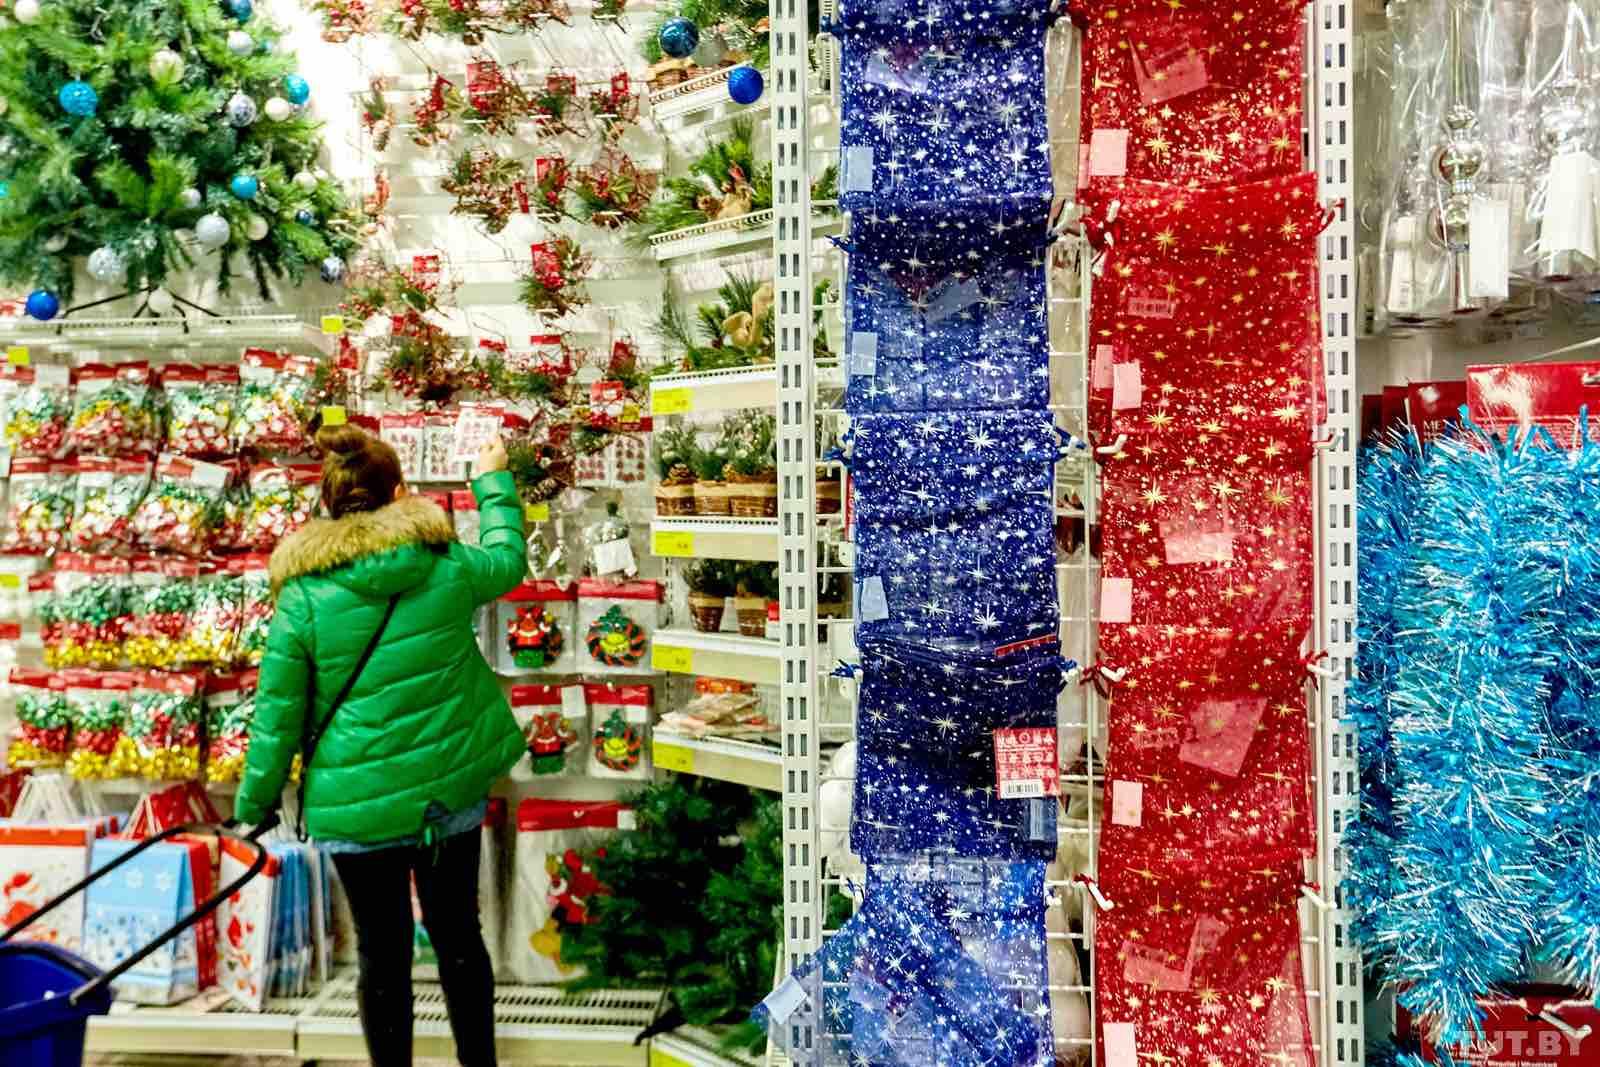 Россияне предпочитают экономить на покупке украшений к новогодним праздникам